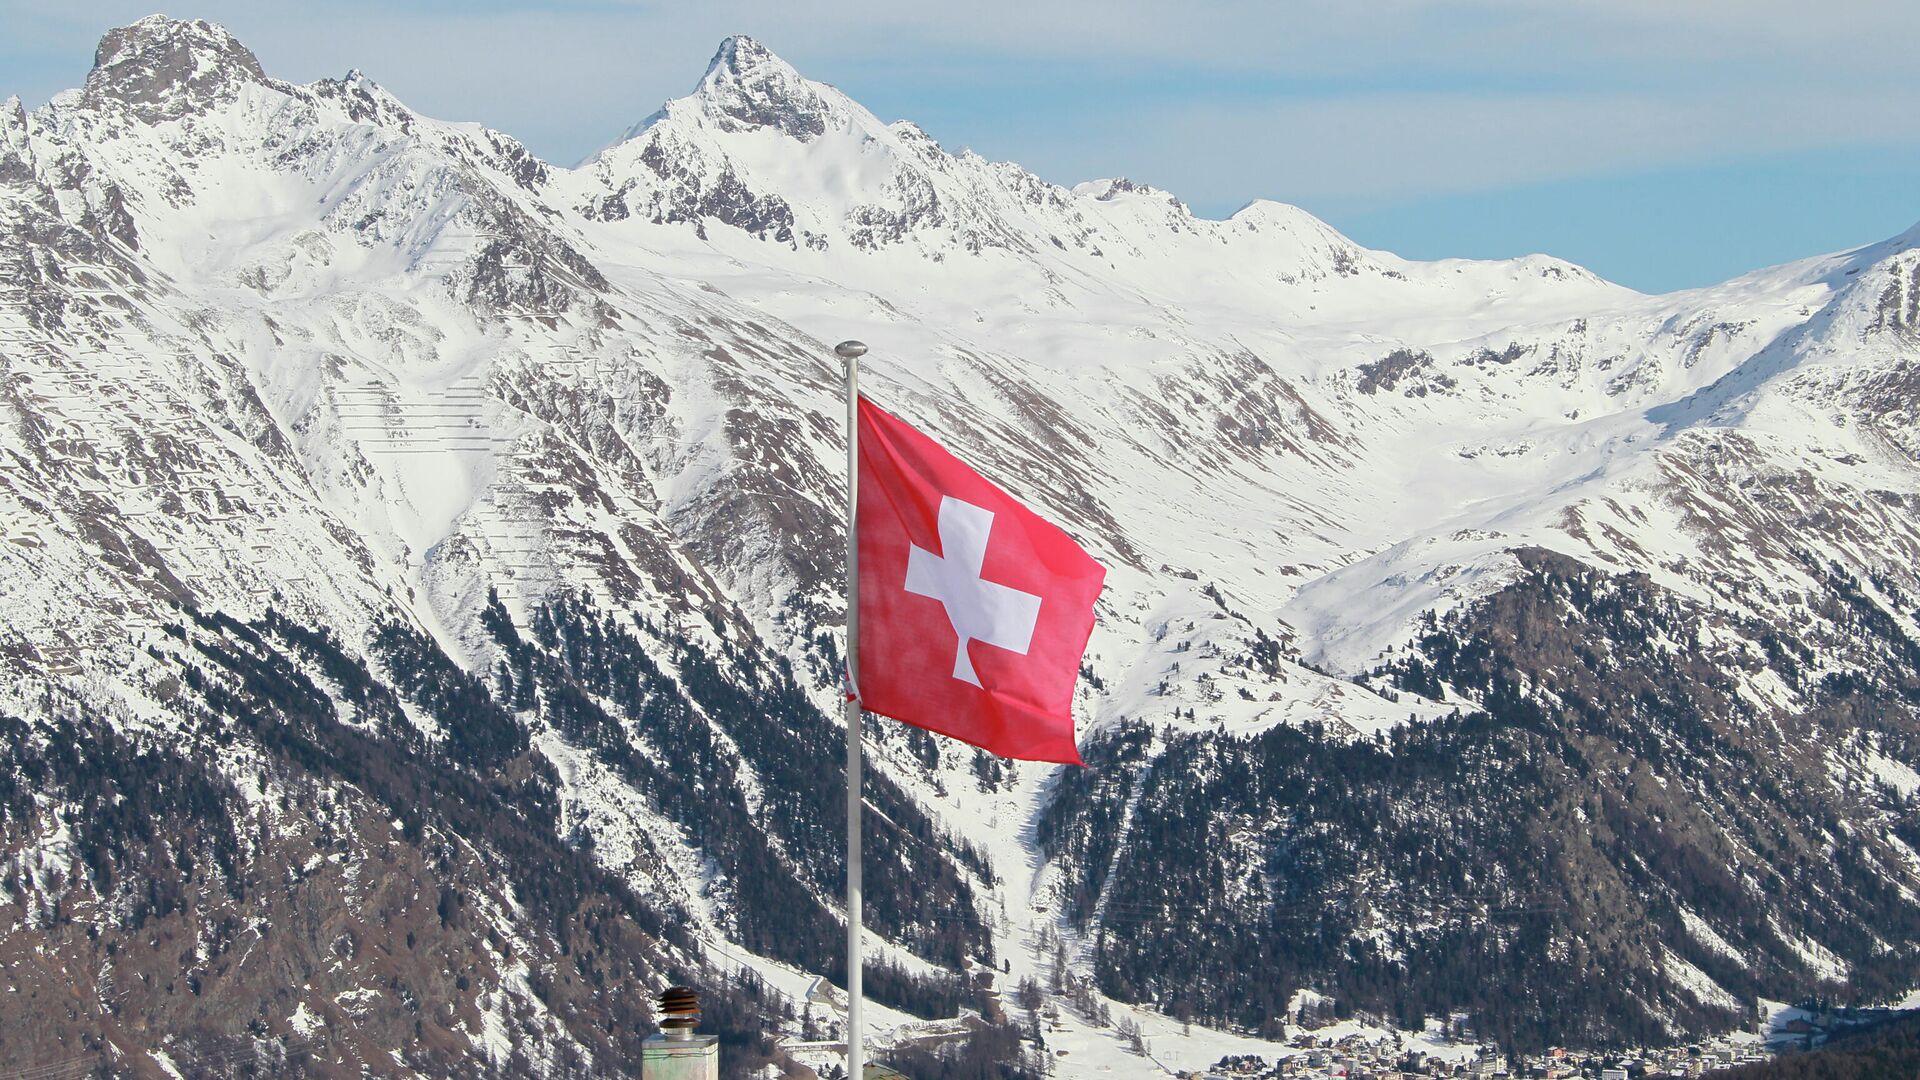 Schweiz. Archivfoto - SNA, 1920, 04.03.2021